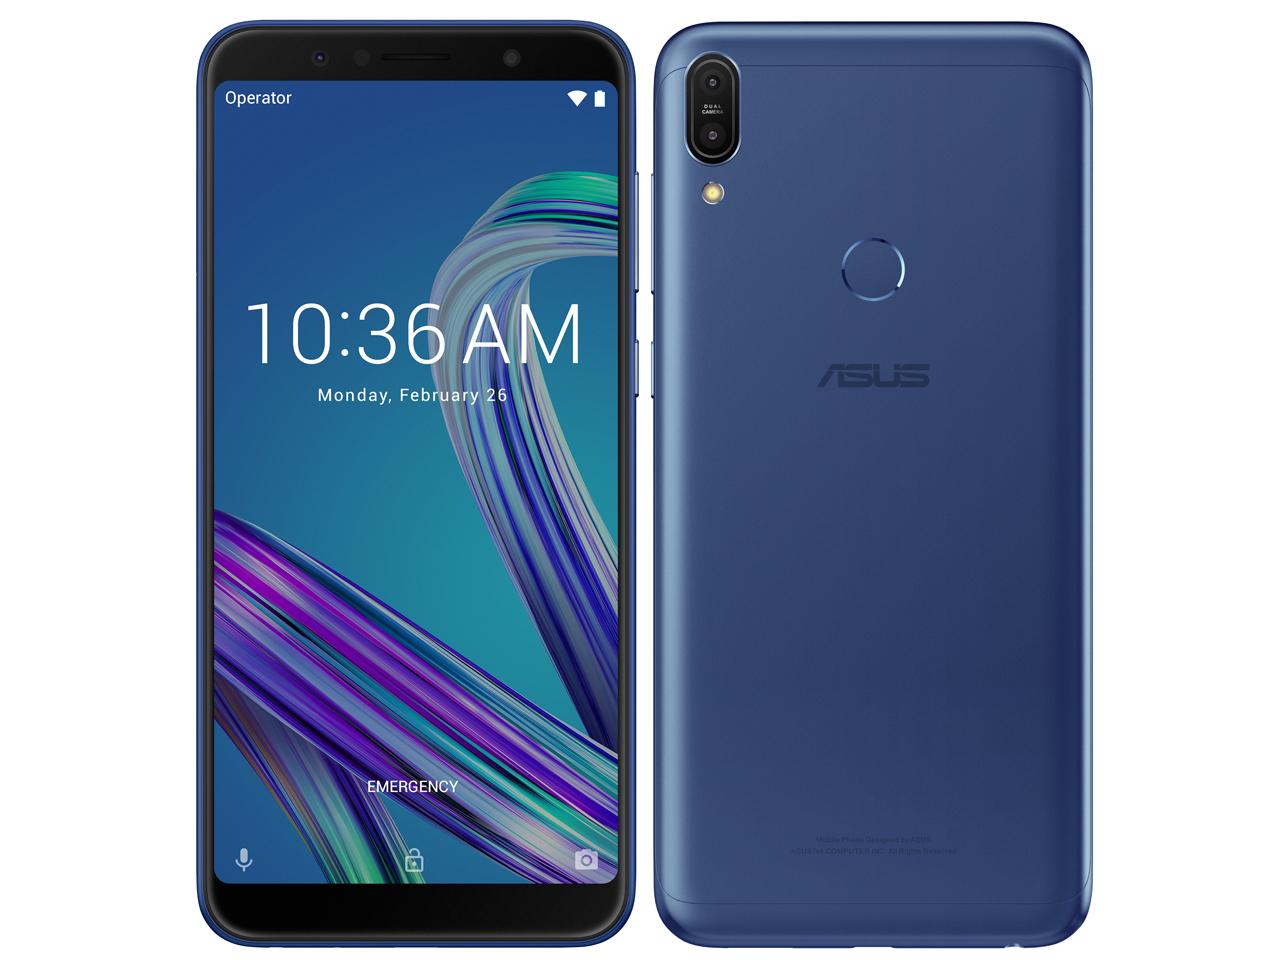 ZenFone Max Pro (M1) SIMフリー [スペースブルー] の製品画像